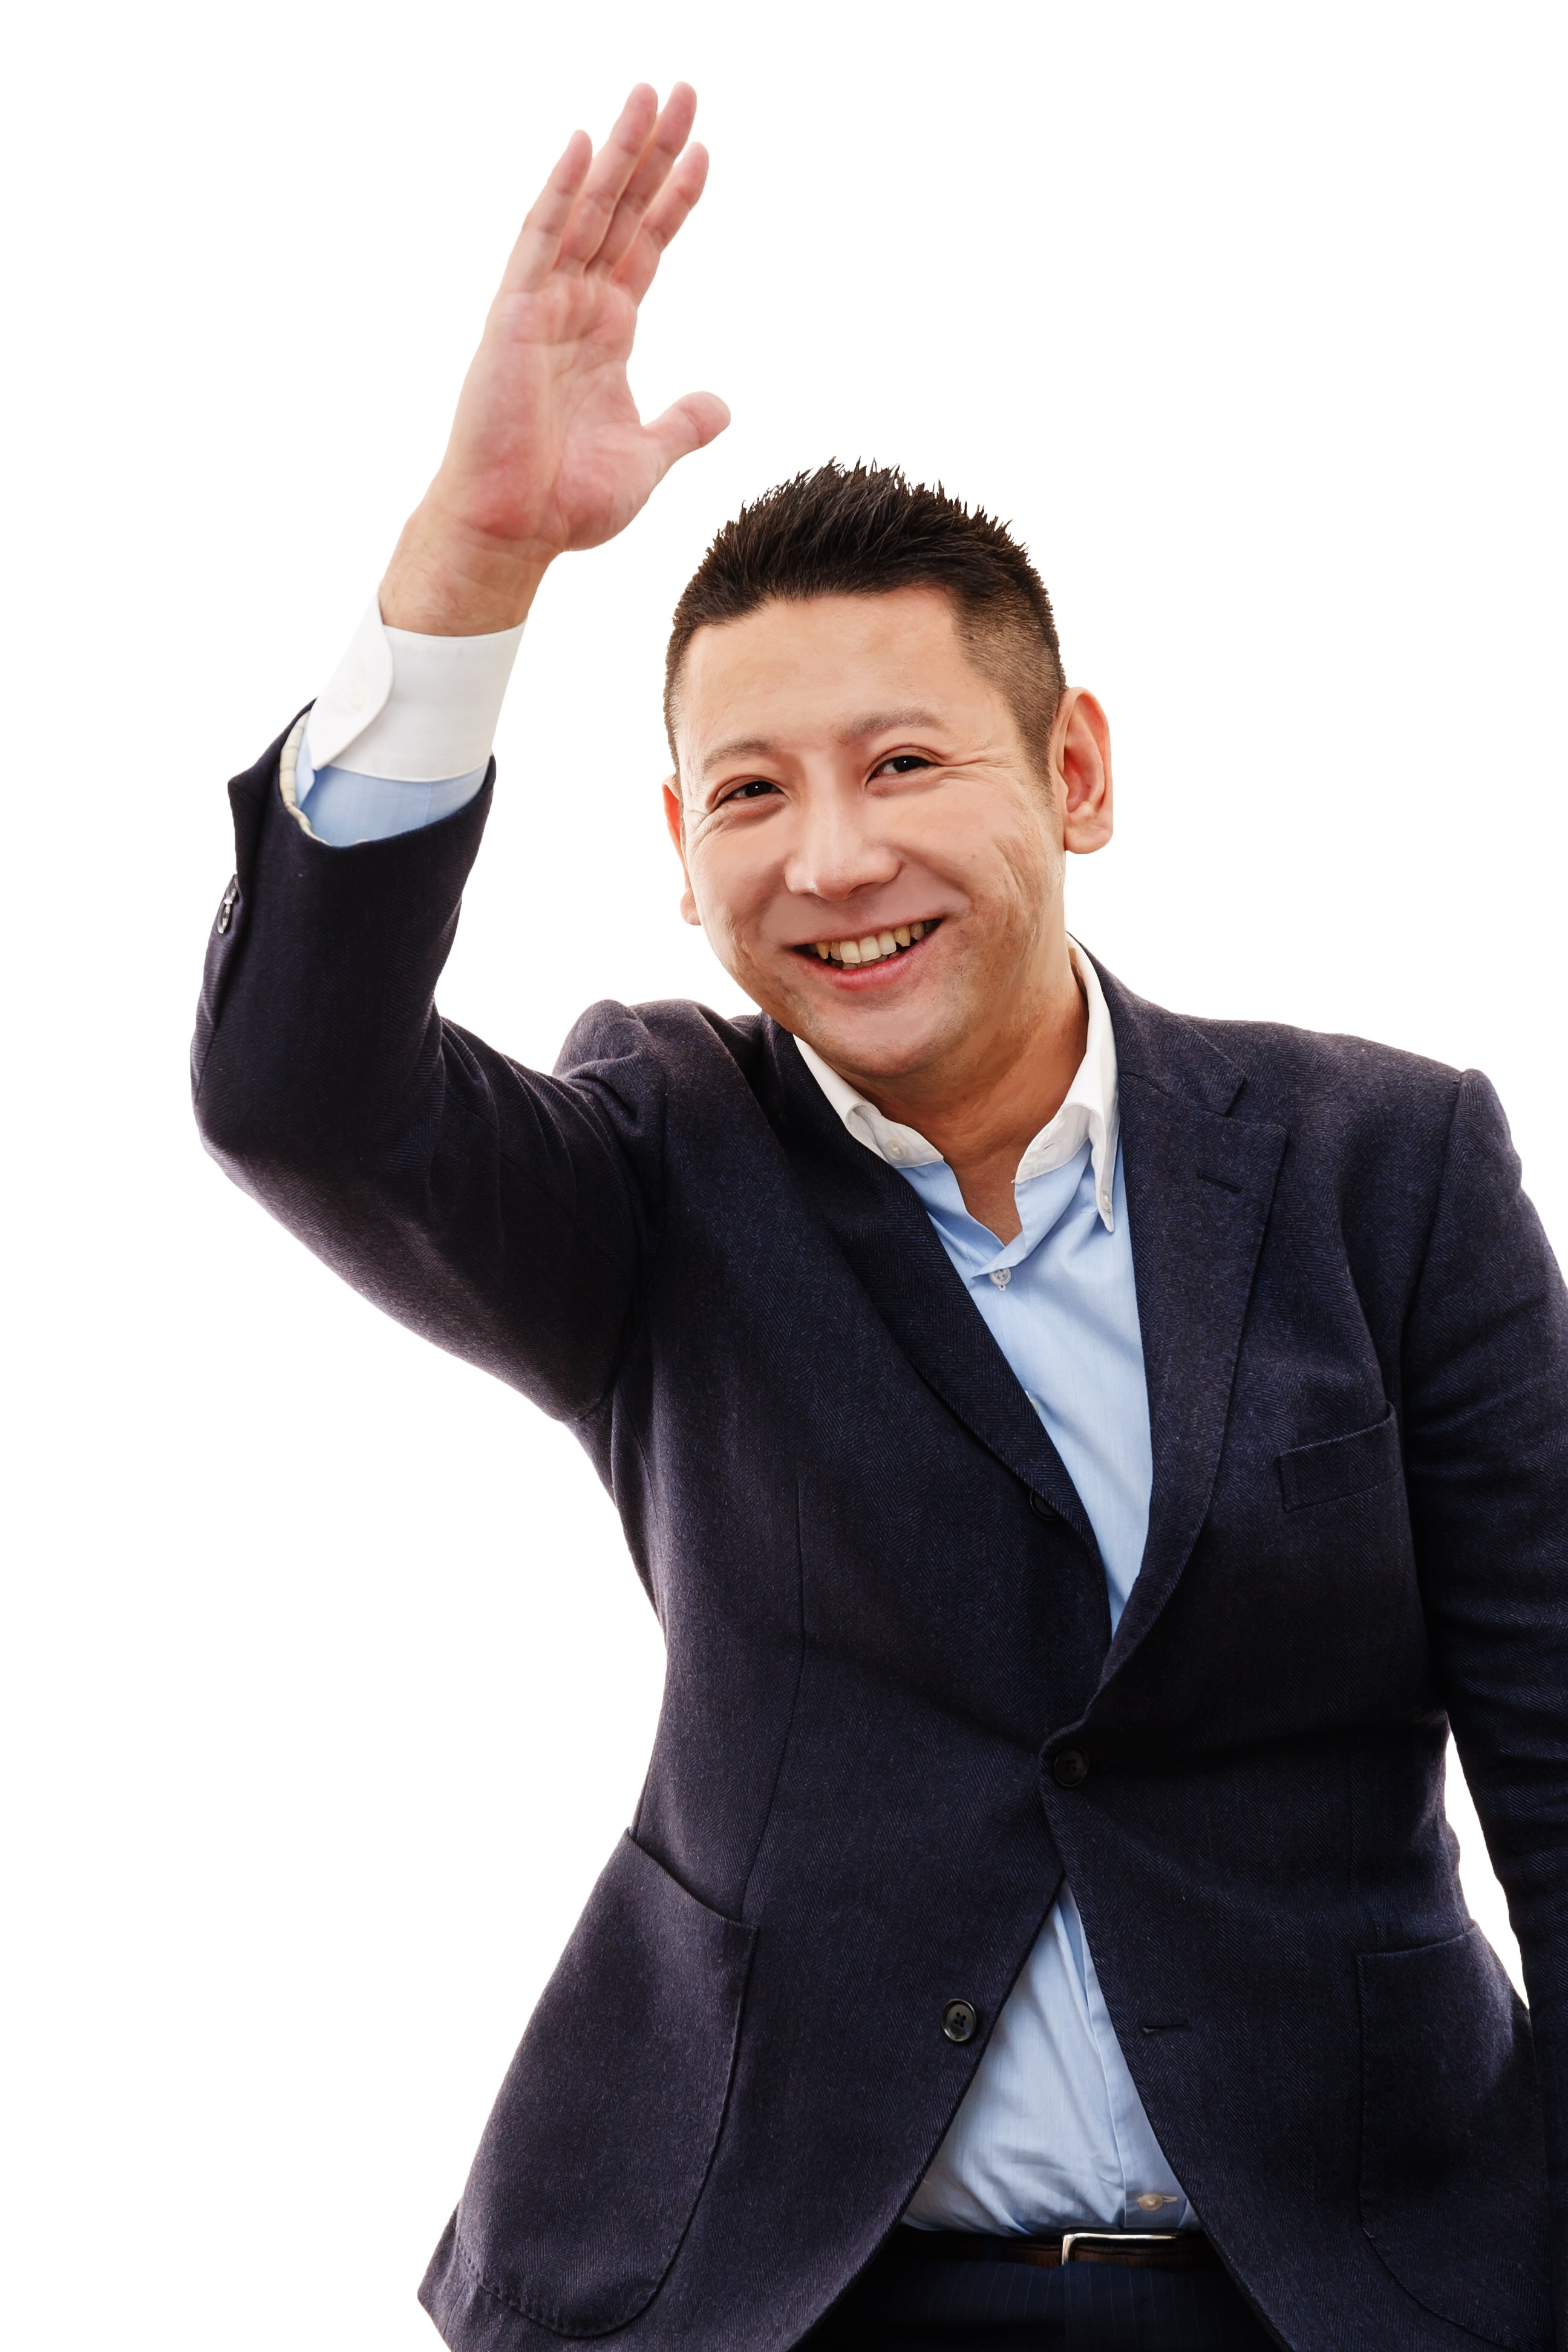 コネクトハブ株式会社(HRコンサルティング・ヘッドハンティング) コーポレートサイト